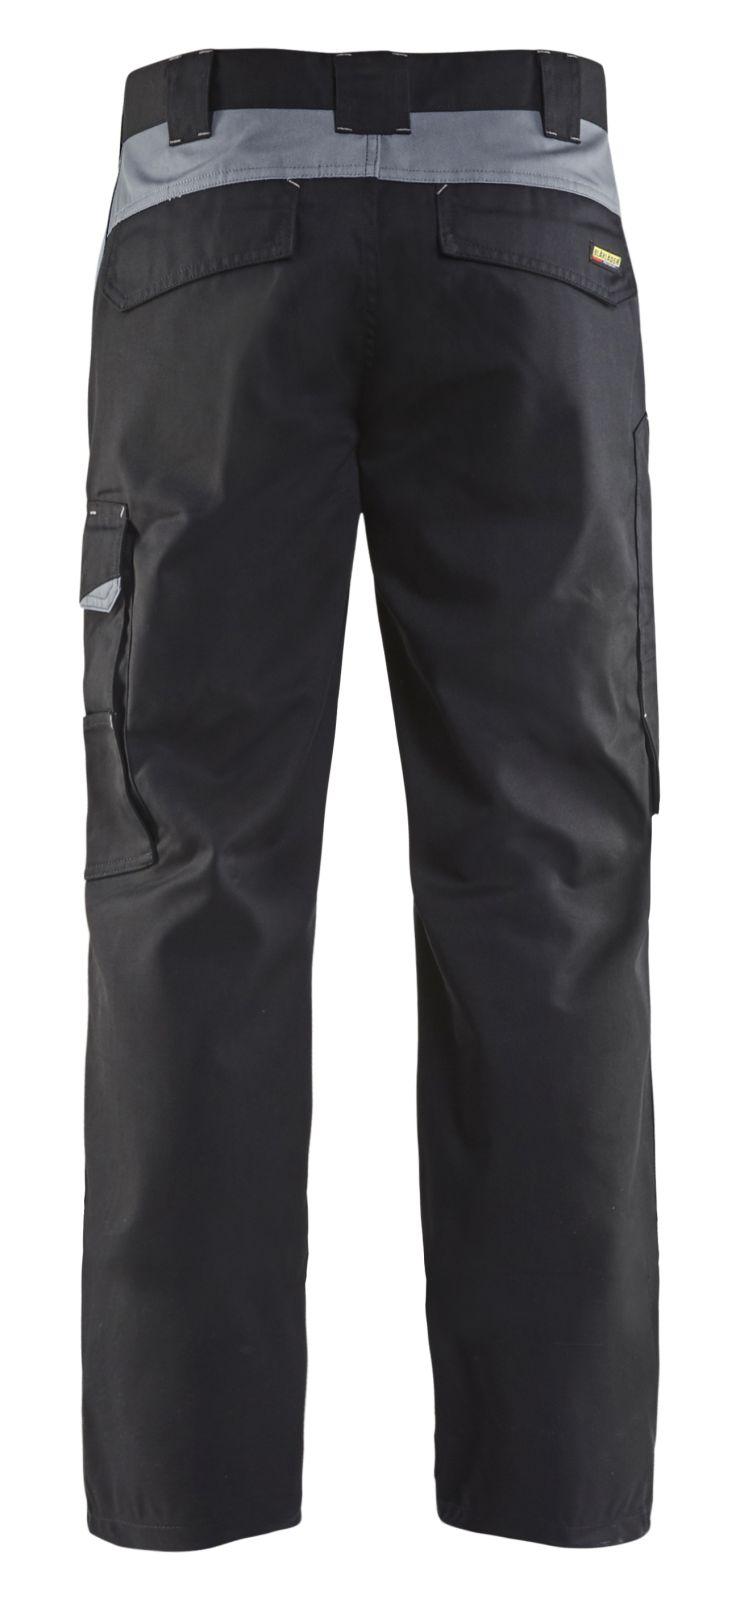 Blaklader Broeken 14041210 zwart-grijs(9994)